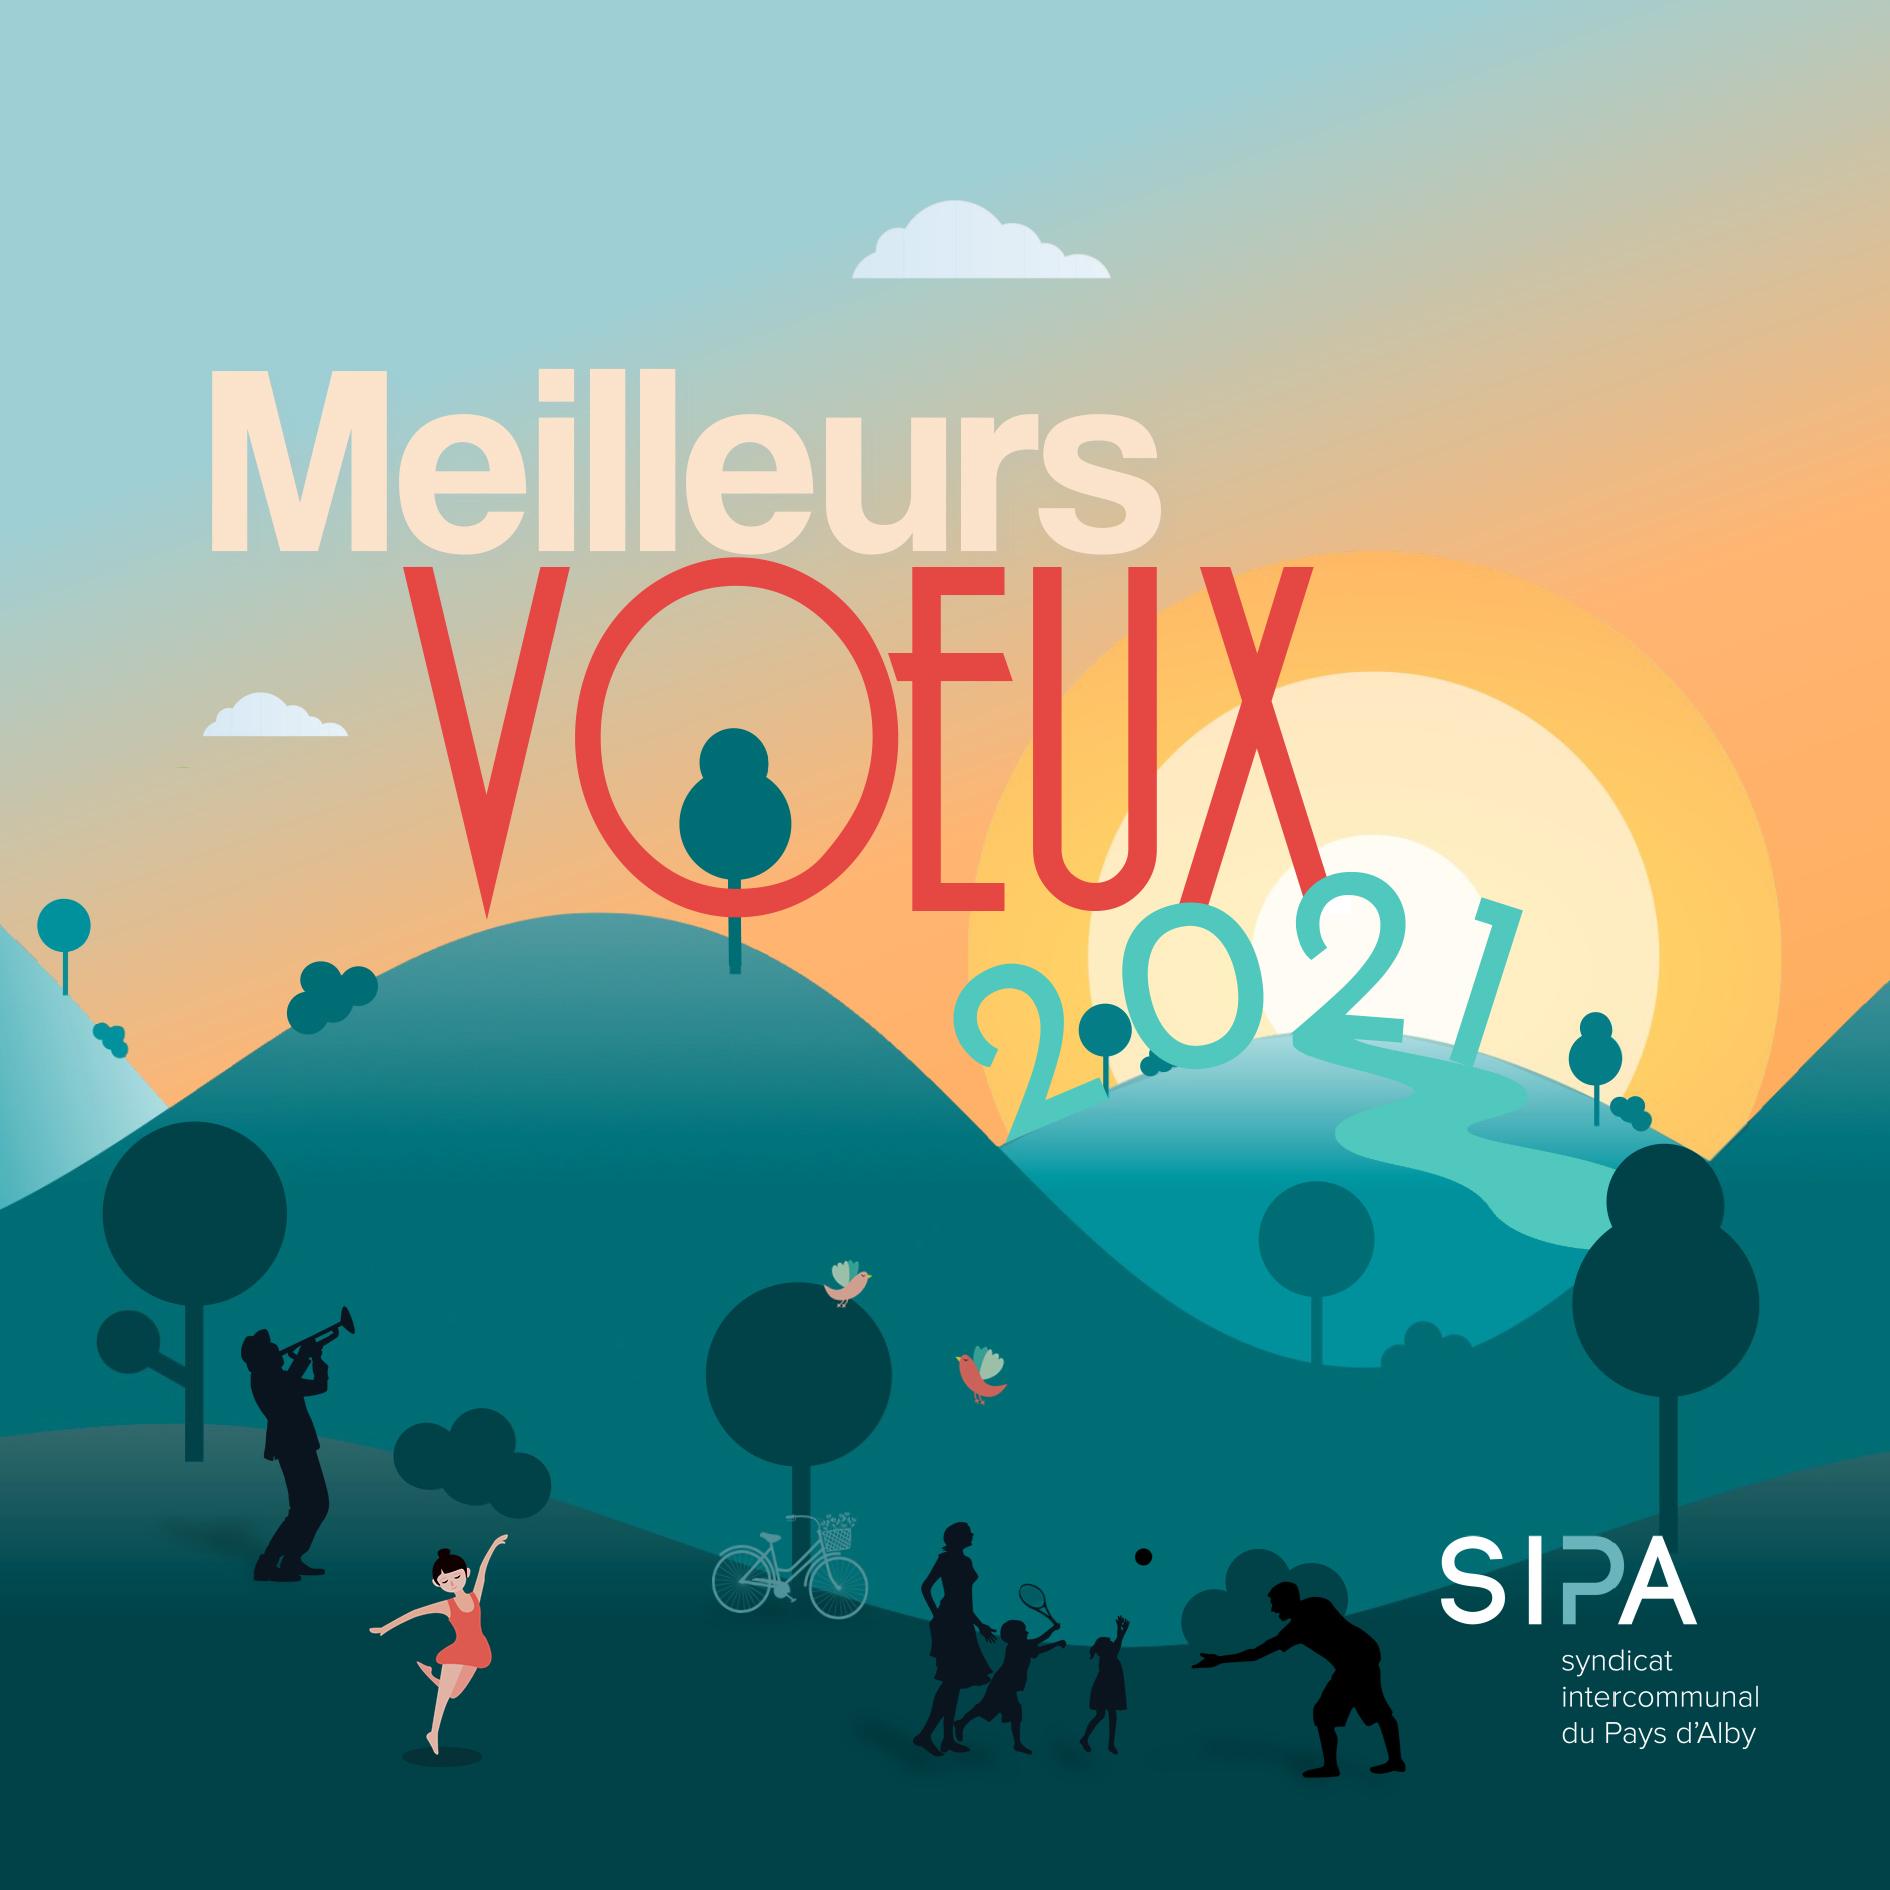 Meilleurs voeux 2021 - surprise en ligne - SIPA_imp-1.jpg